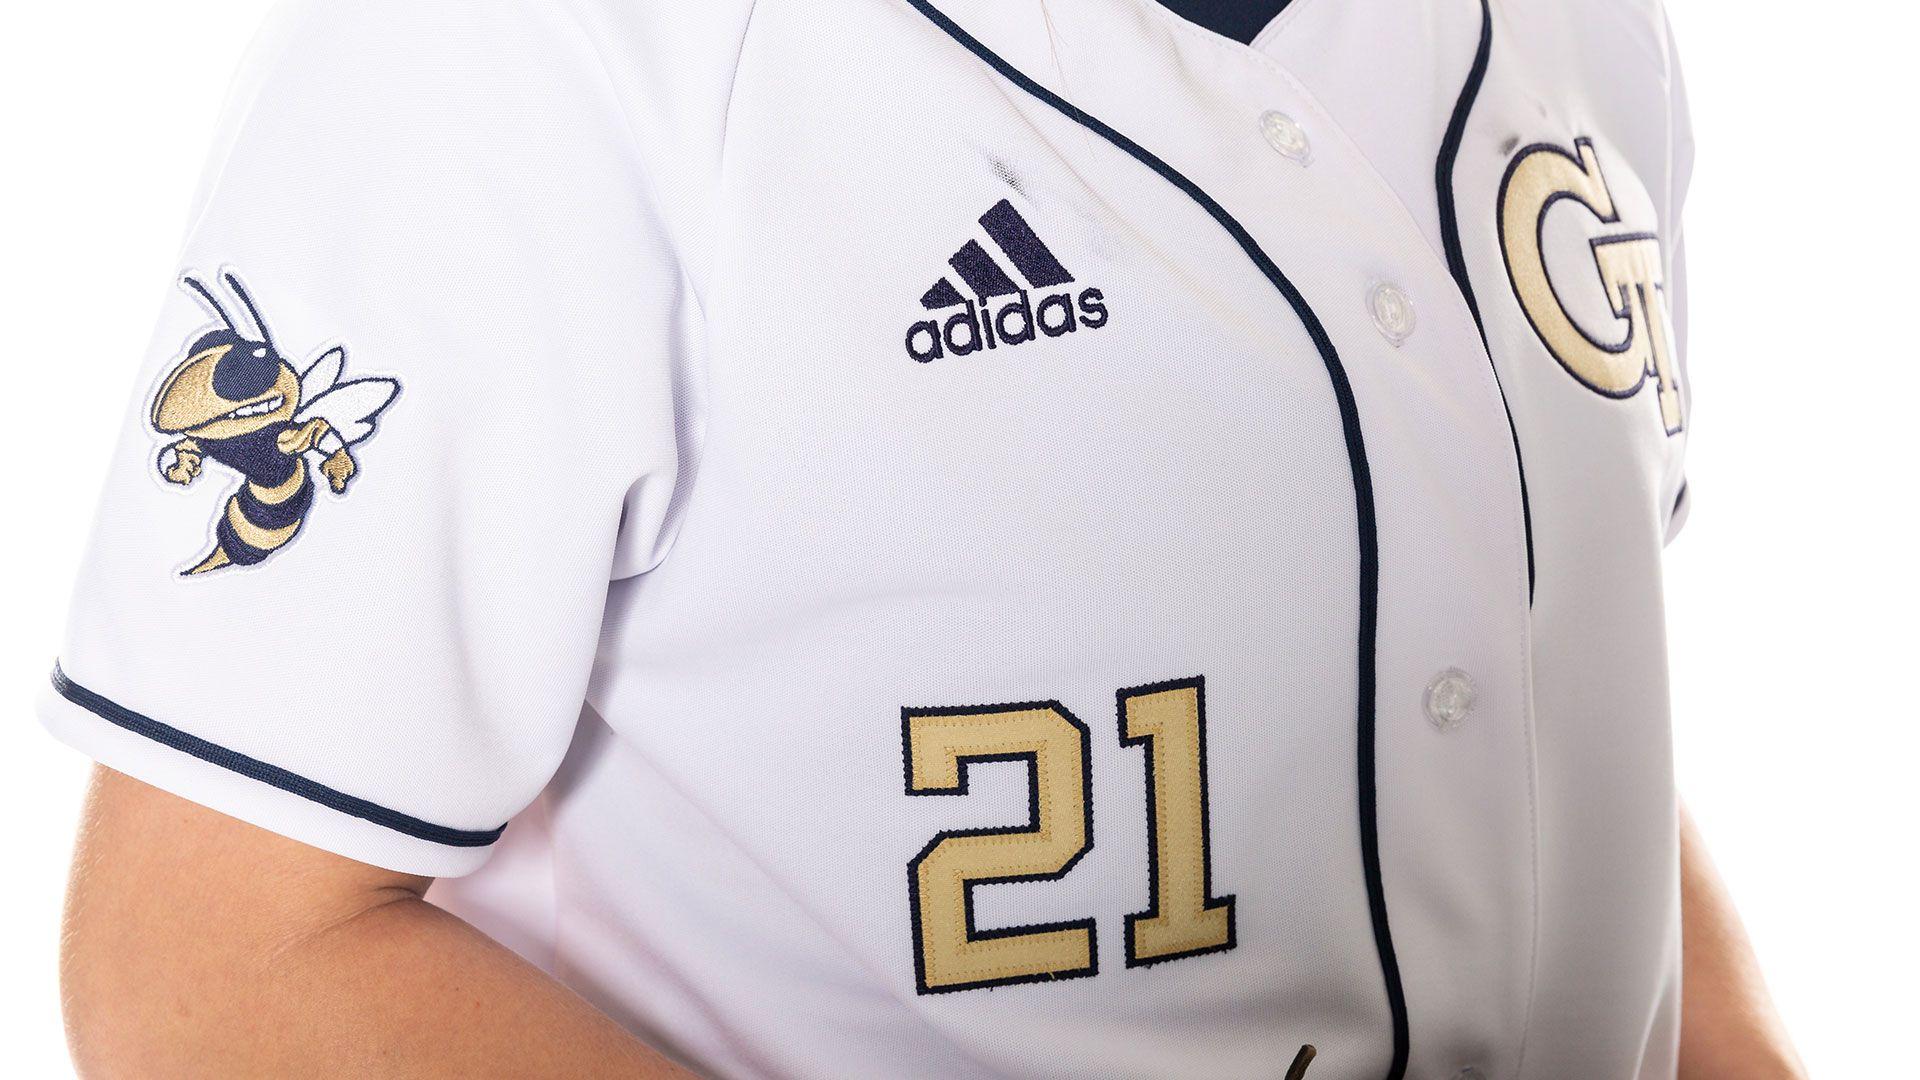 Tech Softball Uniforms (With images) Softball